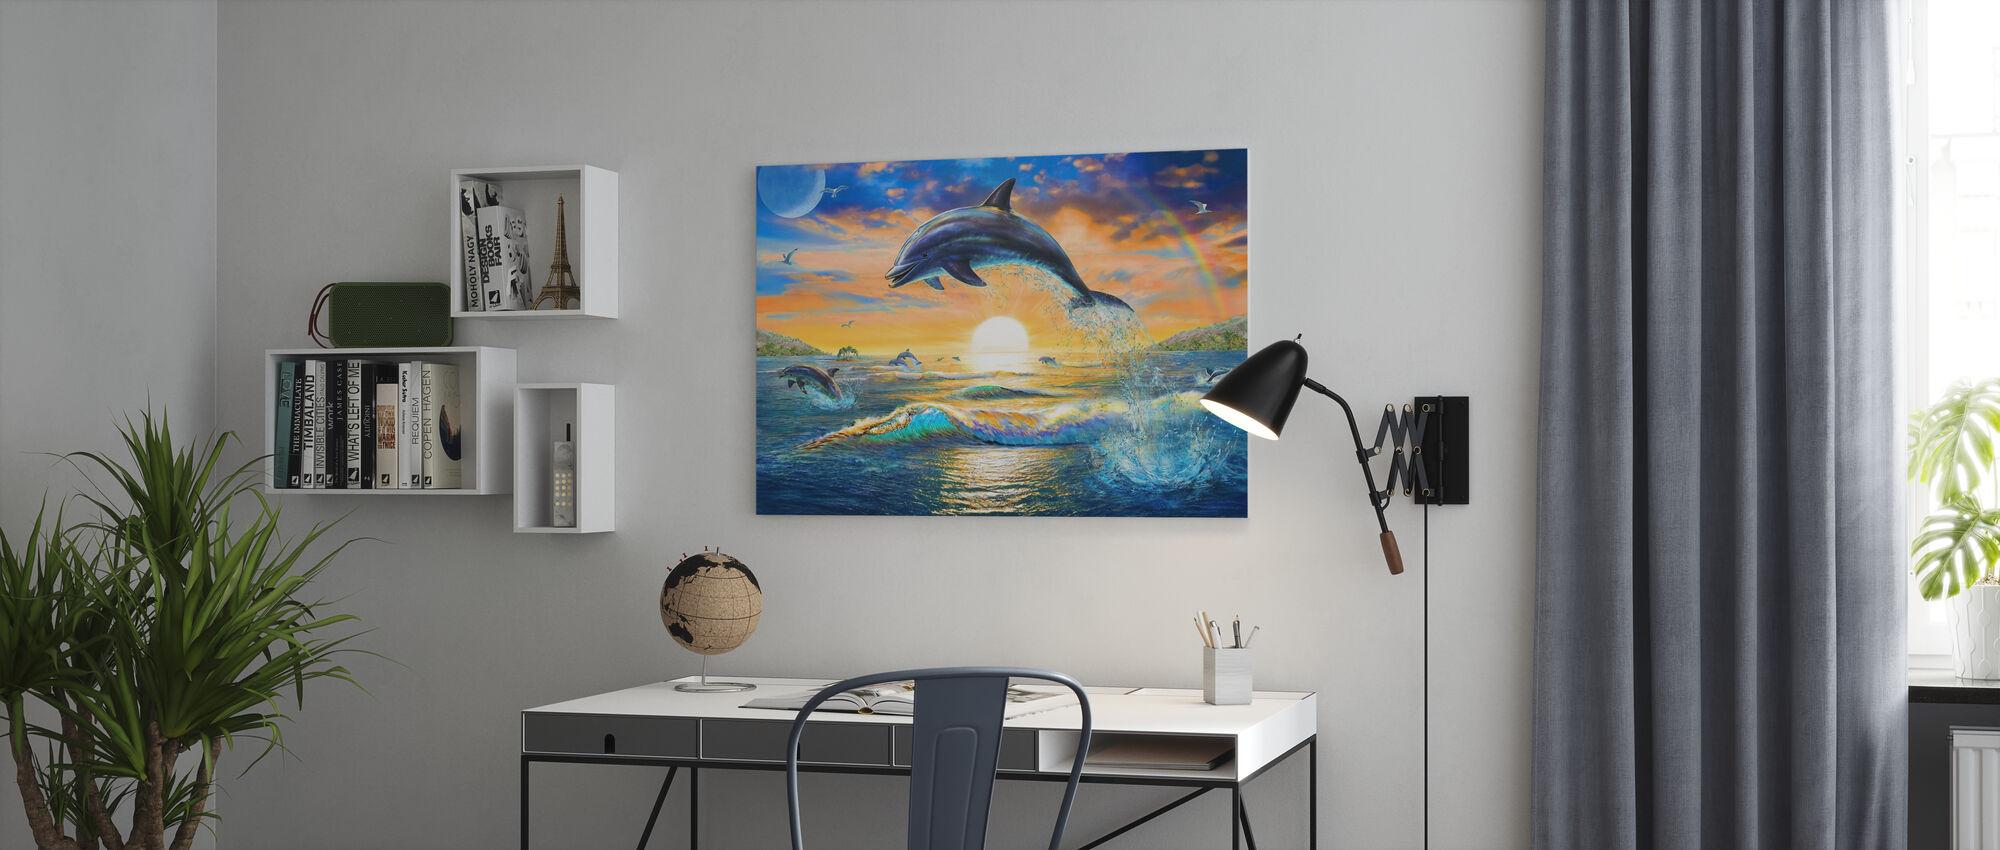 Dolphin Sunrise - Canvas print - Office